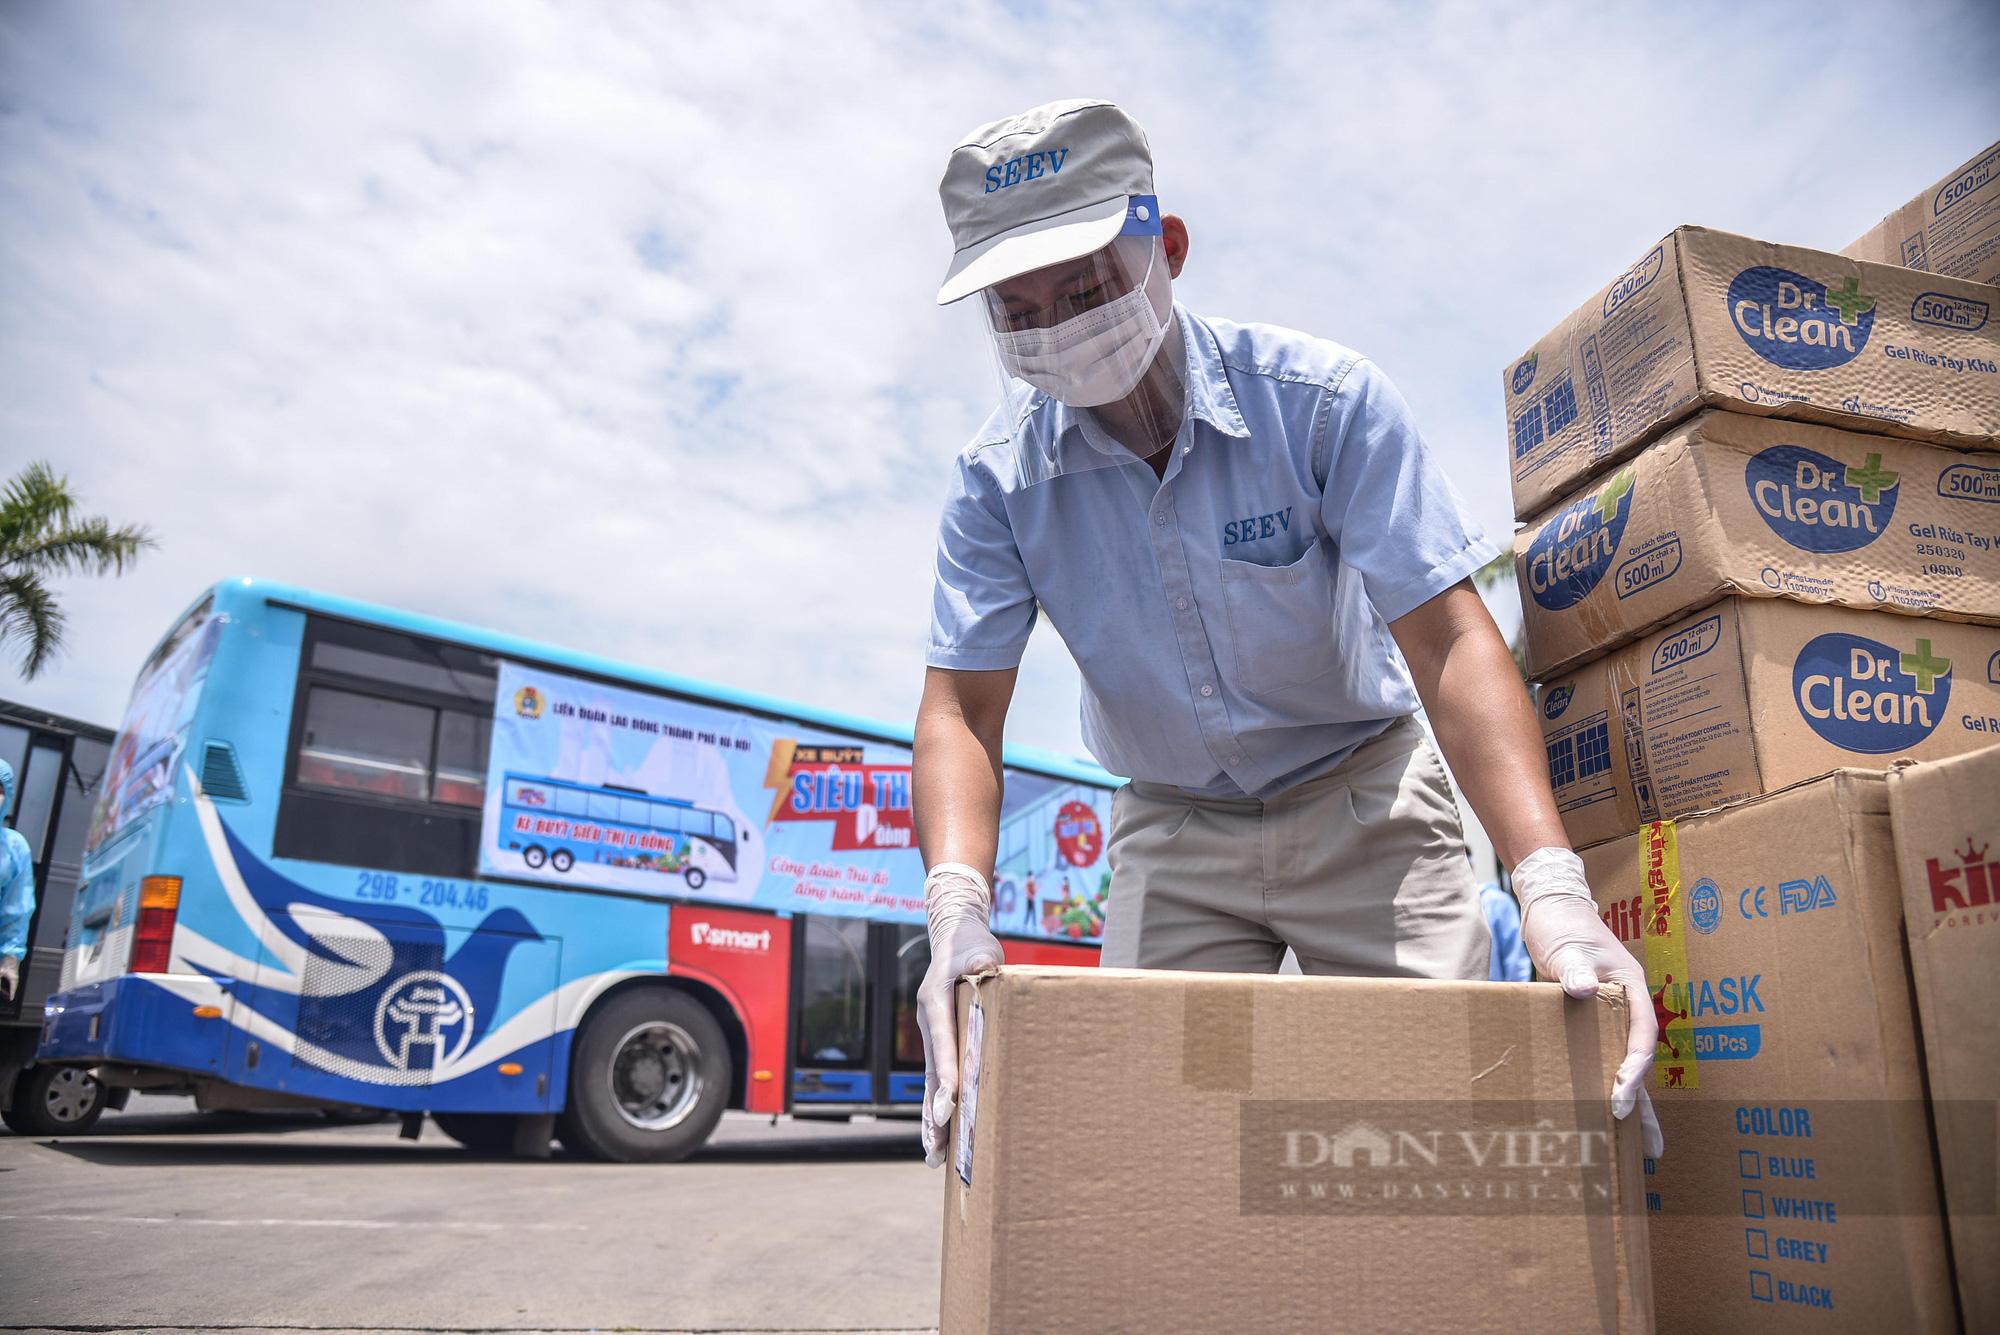 """Cận cảnh """"Xe buýt siêu thị 0 đồng"""" đầu tiên phục vụ CNLĐ khu công nghiệp Hà Nội - Ảnh 9."""